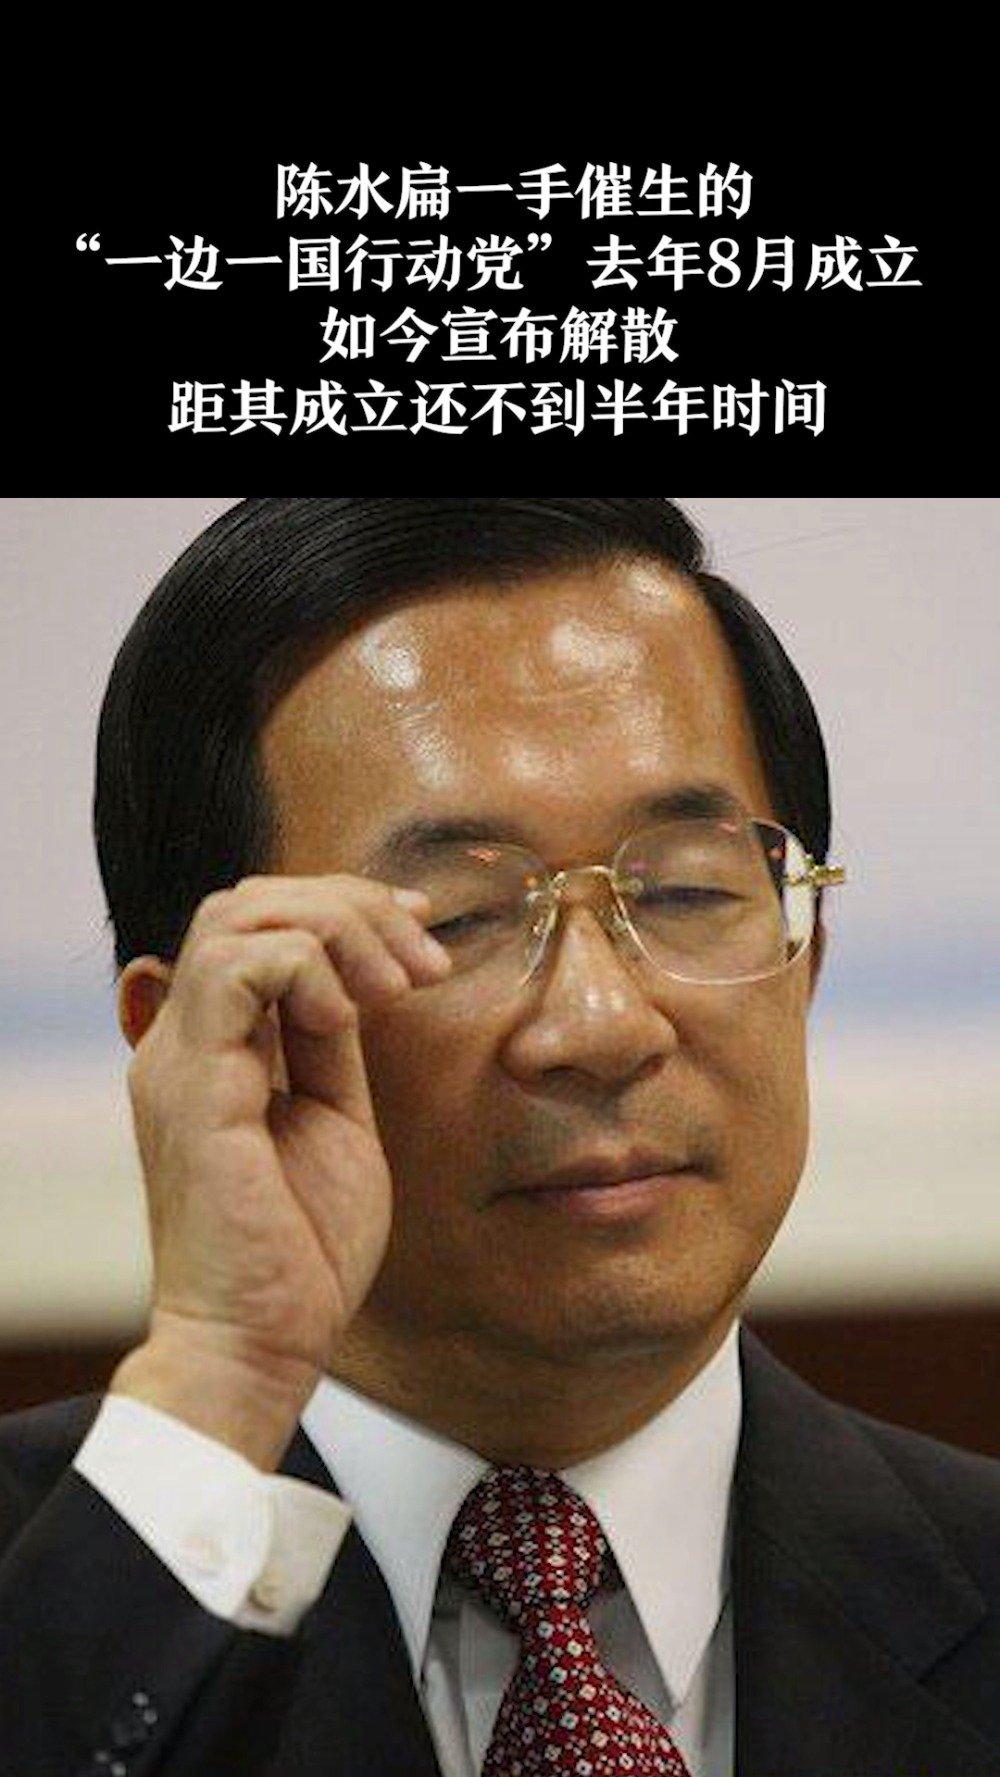 """这个""""台独""""组织彻底解散。陈水扁宣布退出政坛"""